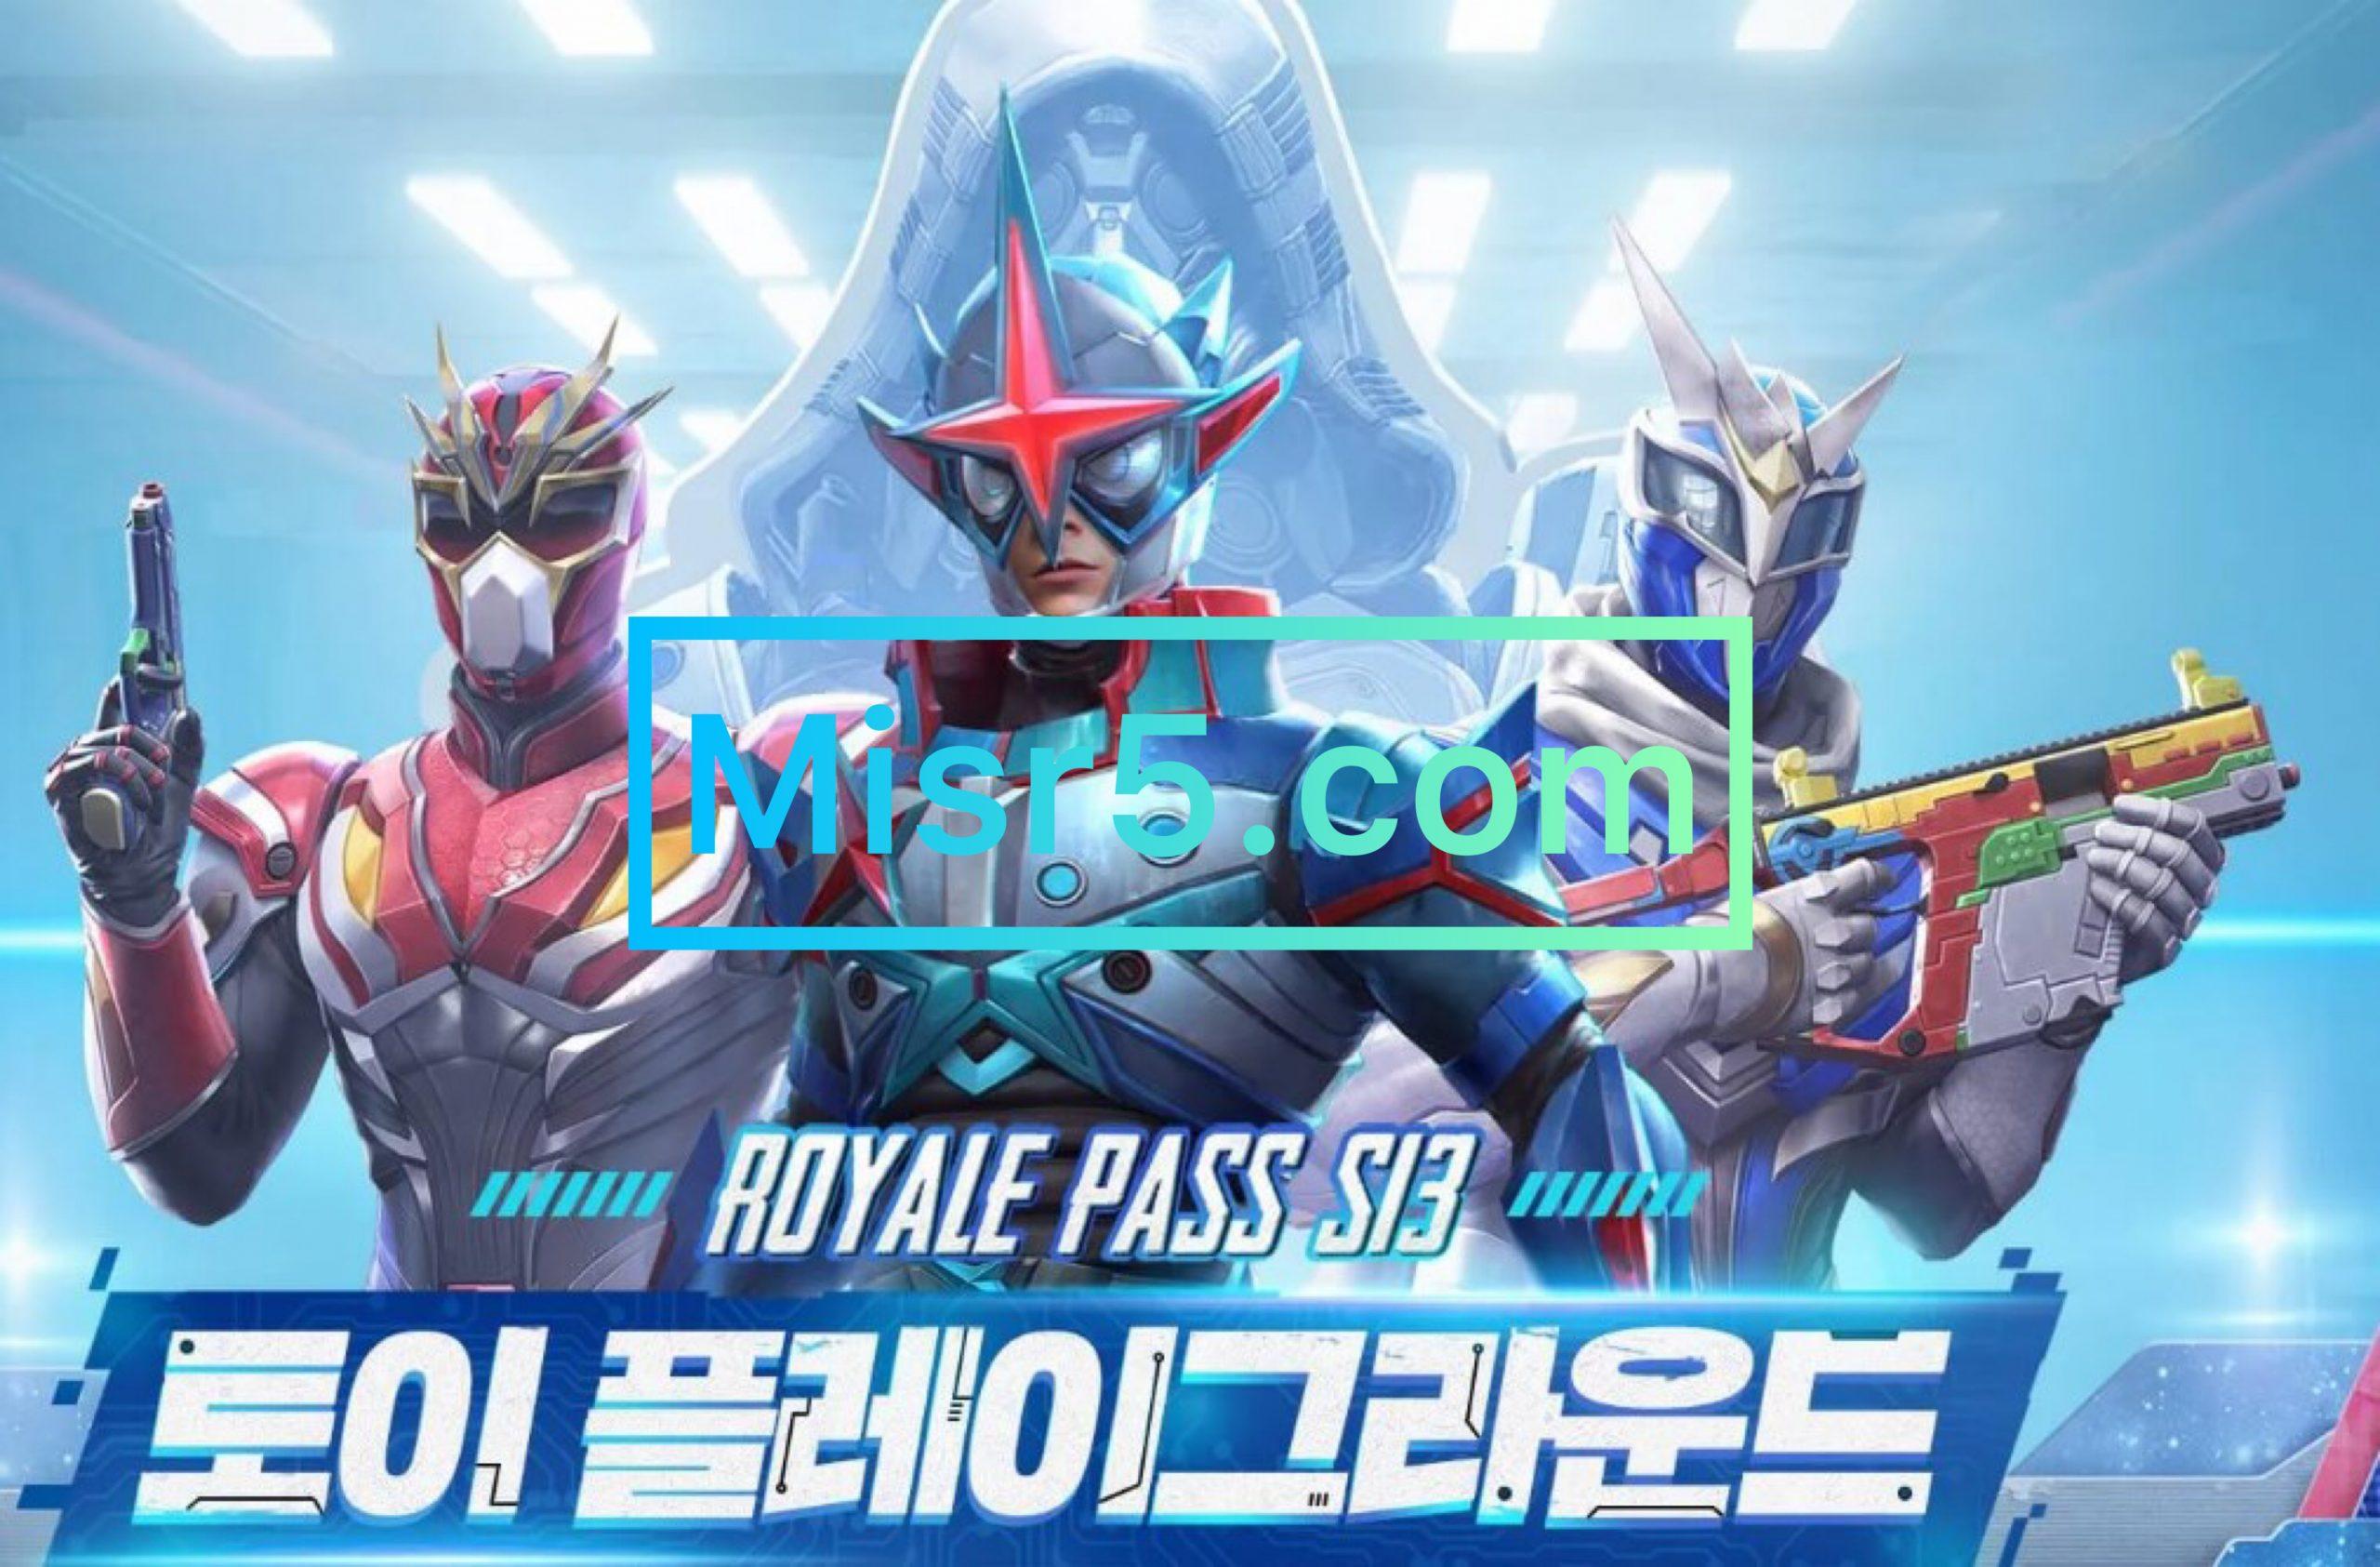 ببجي الكورية apk | خطوات التحميل ومزايا حديثه ومتنوعة 2021